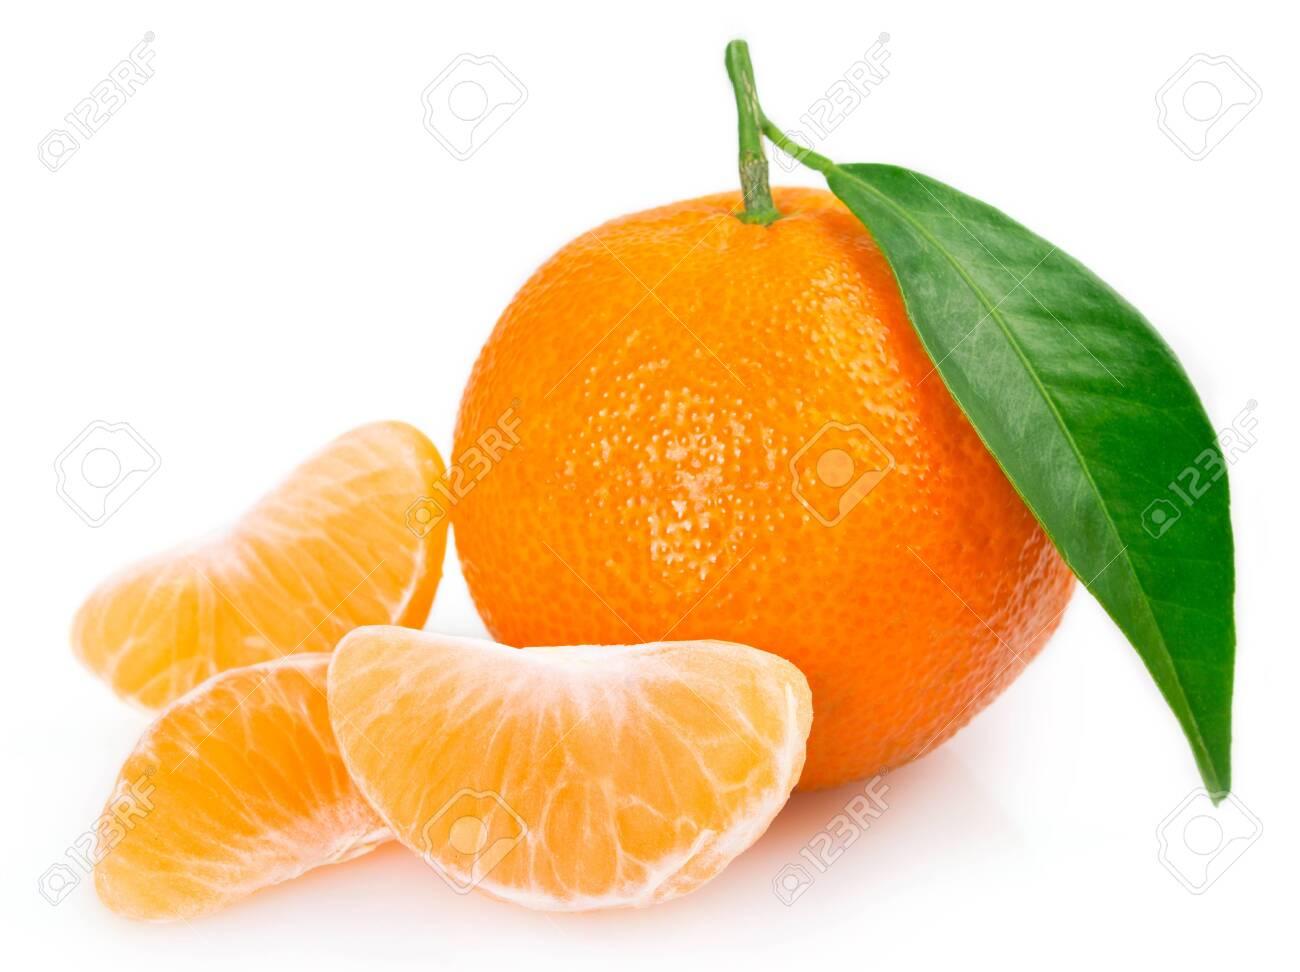 fresh mandarin isolated on white background - 126575575